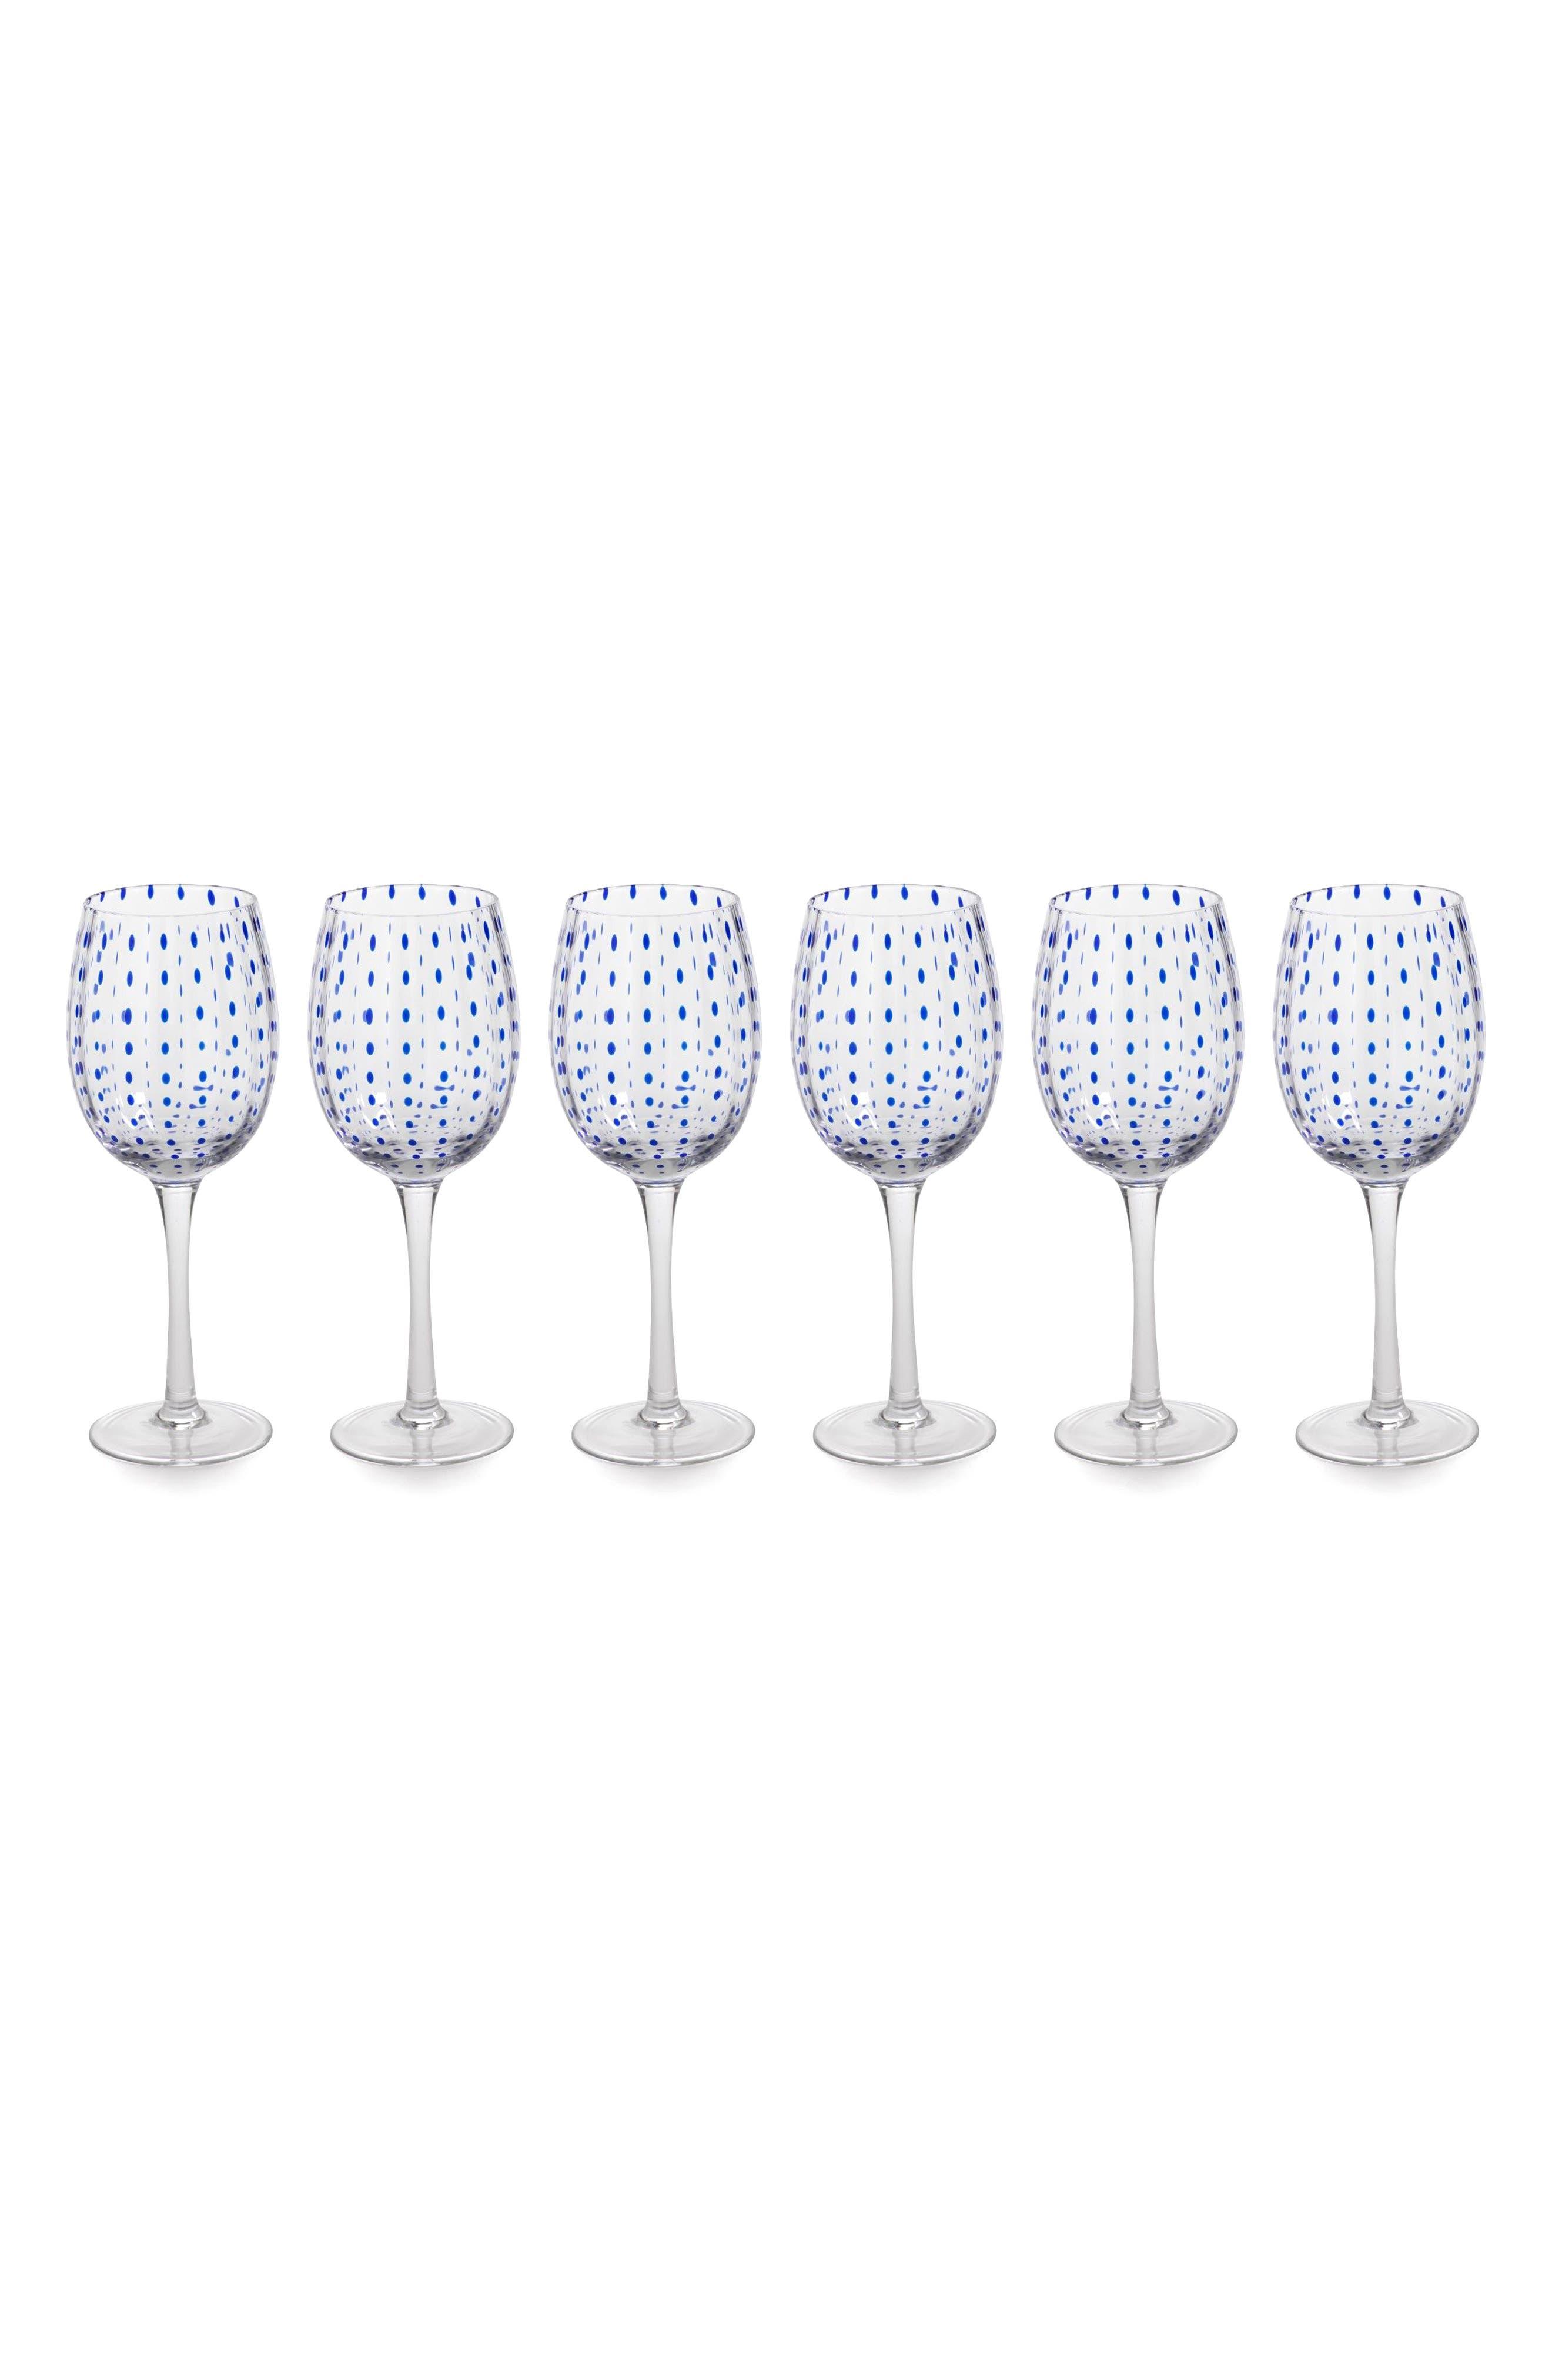 Zodax Mavi Set of 6 Wine Glasses